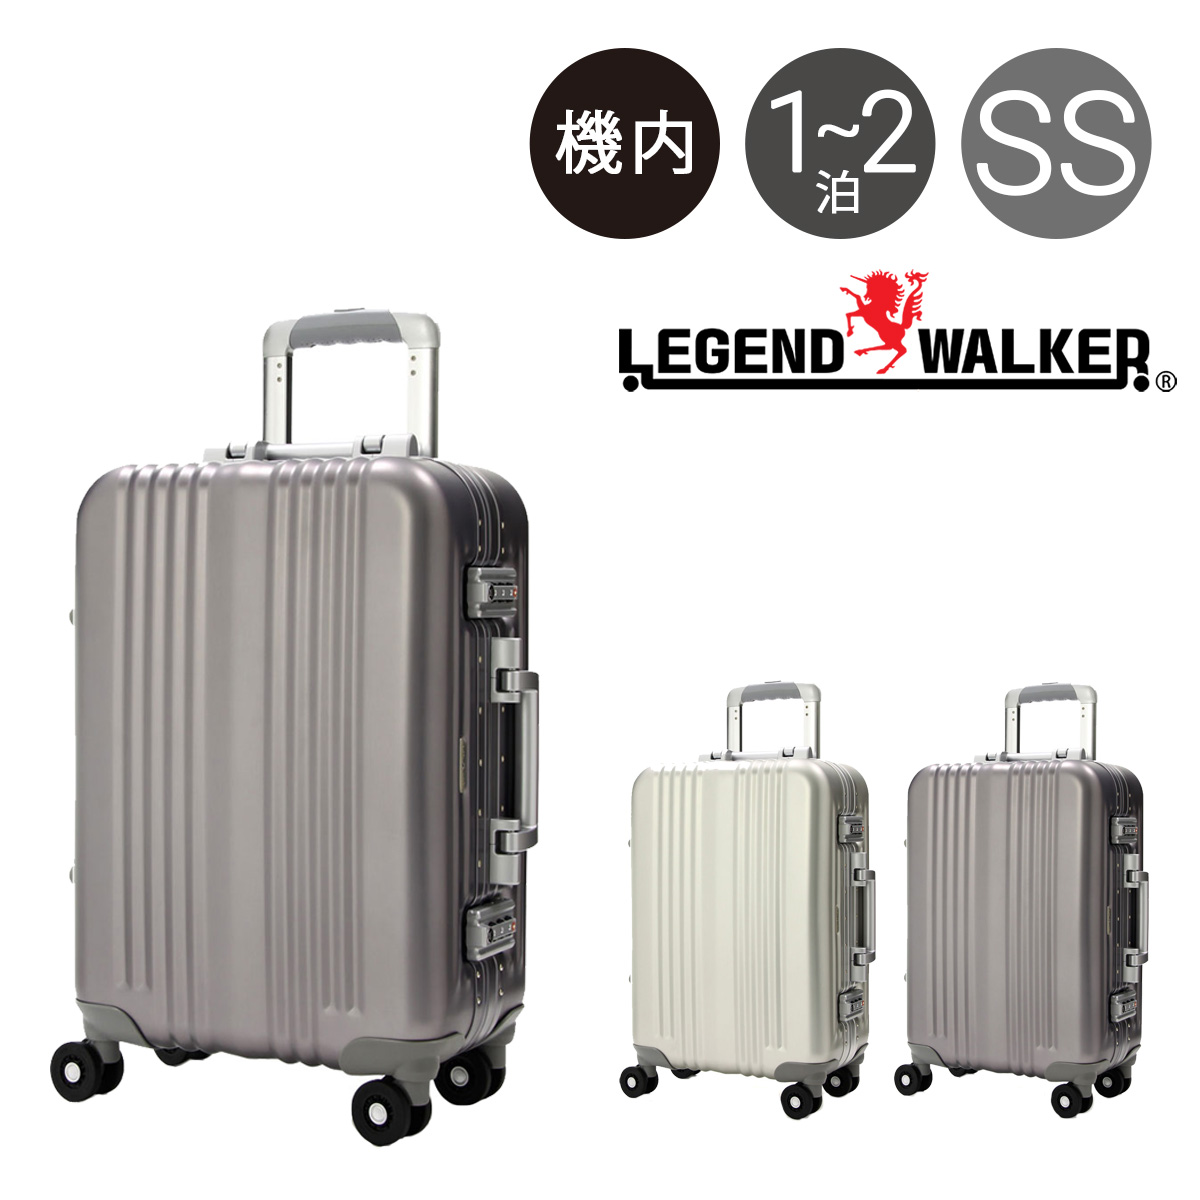 レジェンドウォーカー スーツケース A-BLADE|機内持ち込み 33L 48cm 4.3kg 1000-48|アルミニウム合金 5年保証 アルミ ハード フレーム 静音 TSAロック搭載 HINOMOTO キャリーケース ビジネスキャリー [PO10][bef]